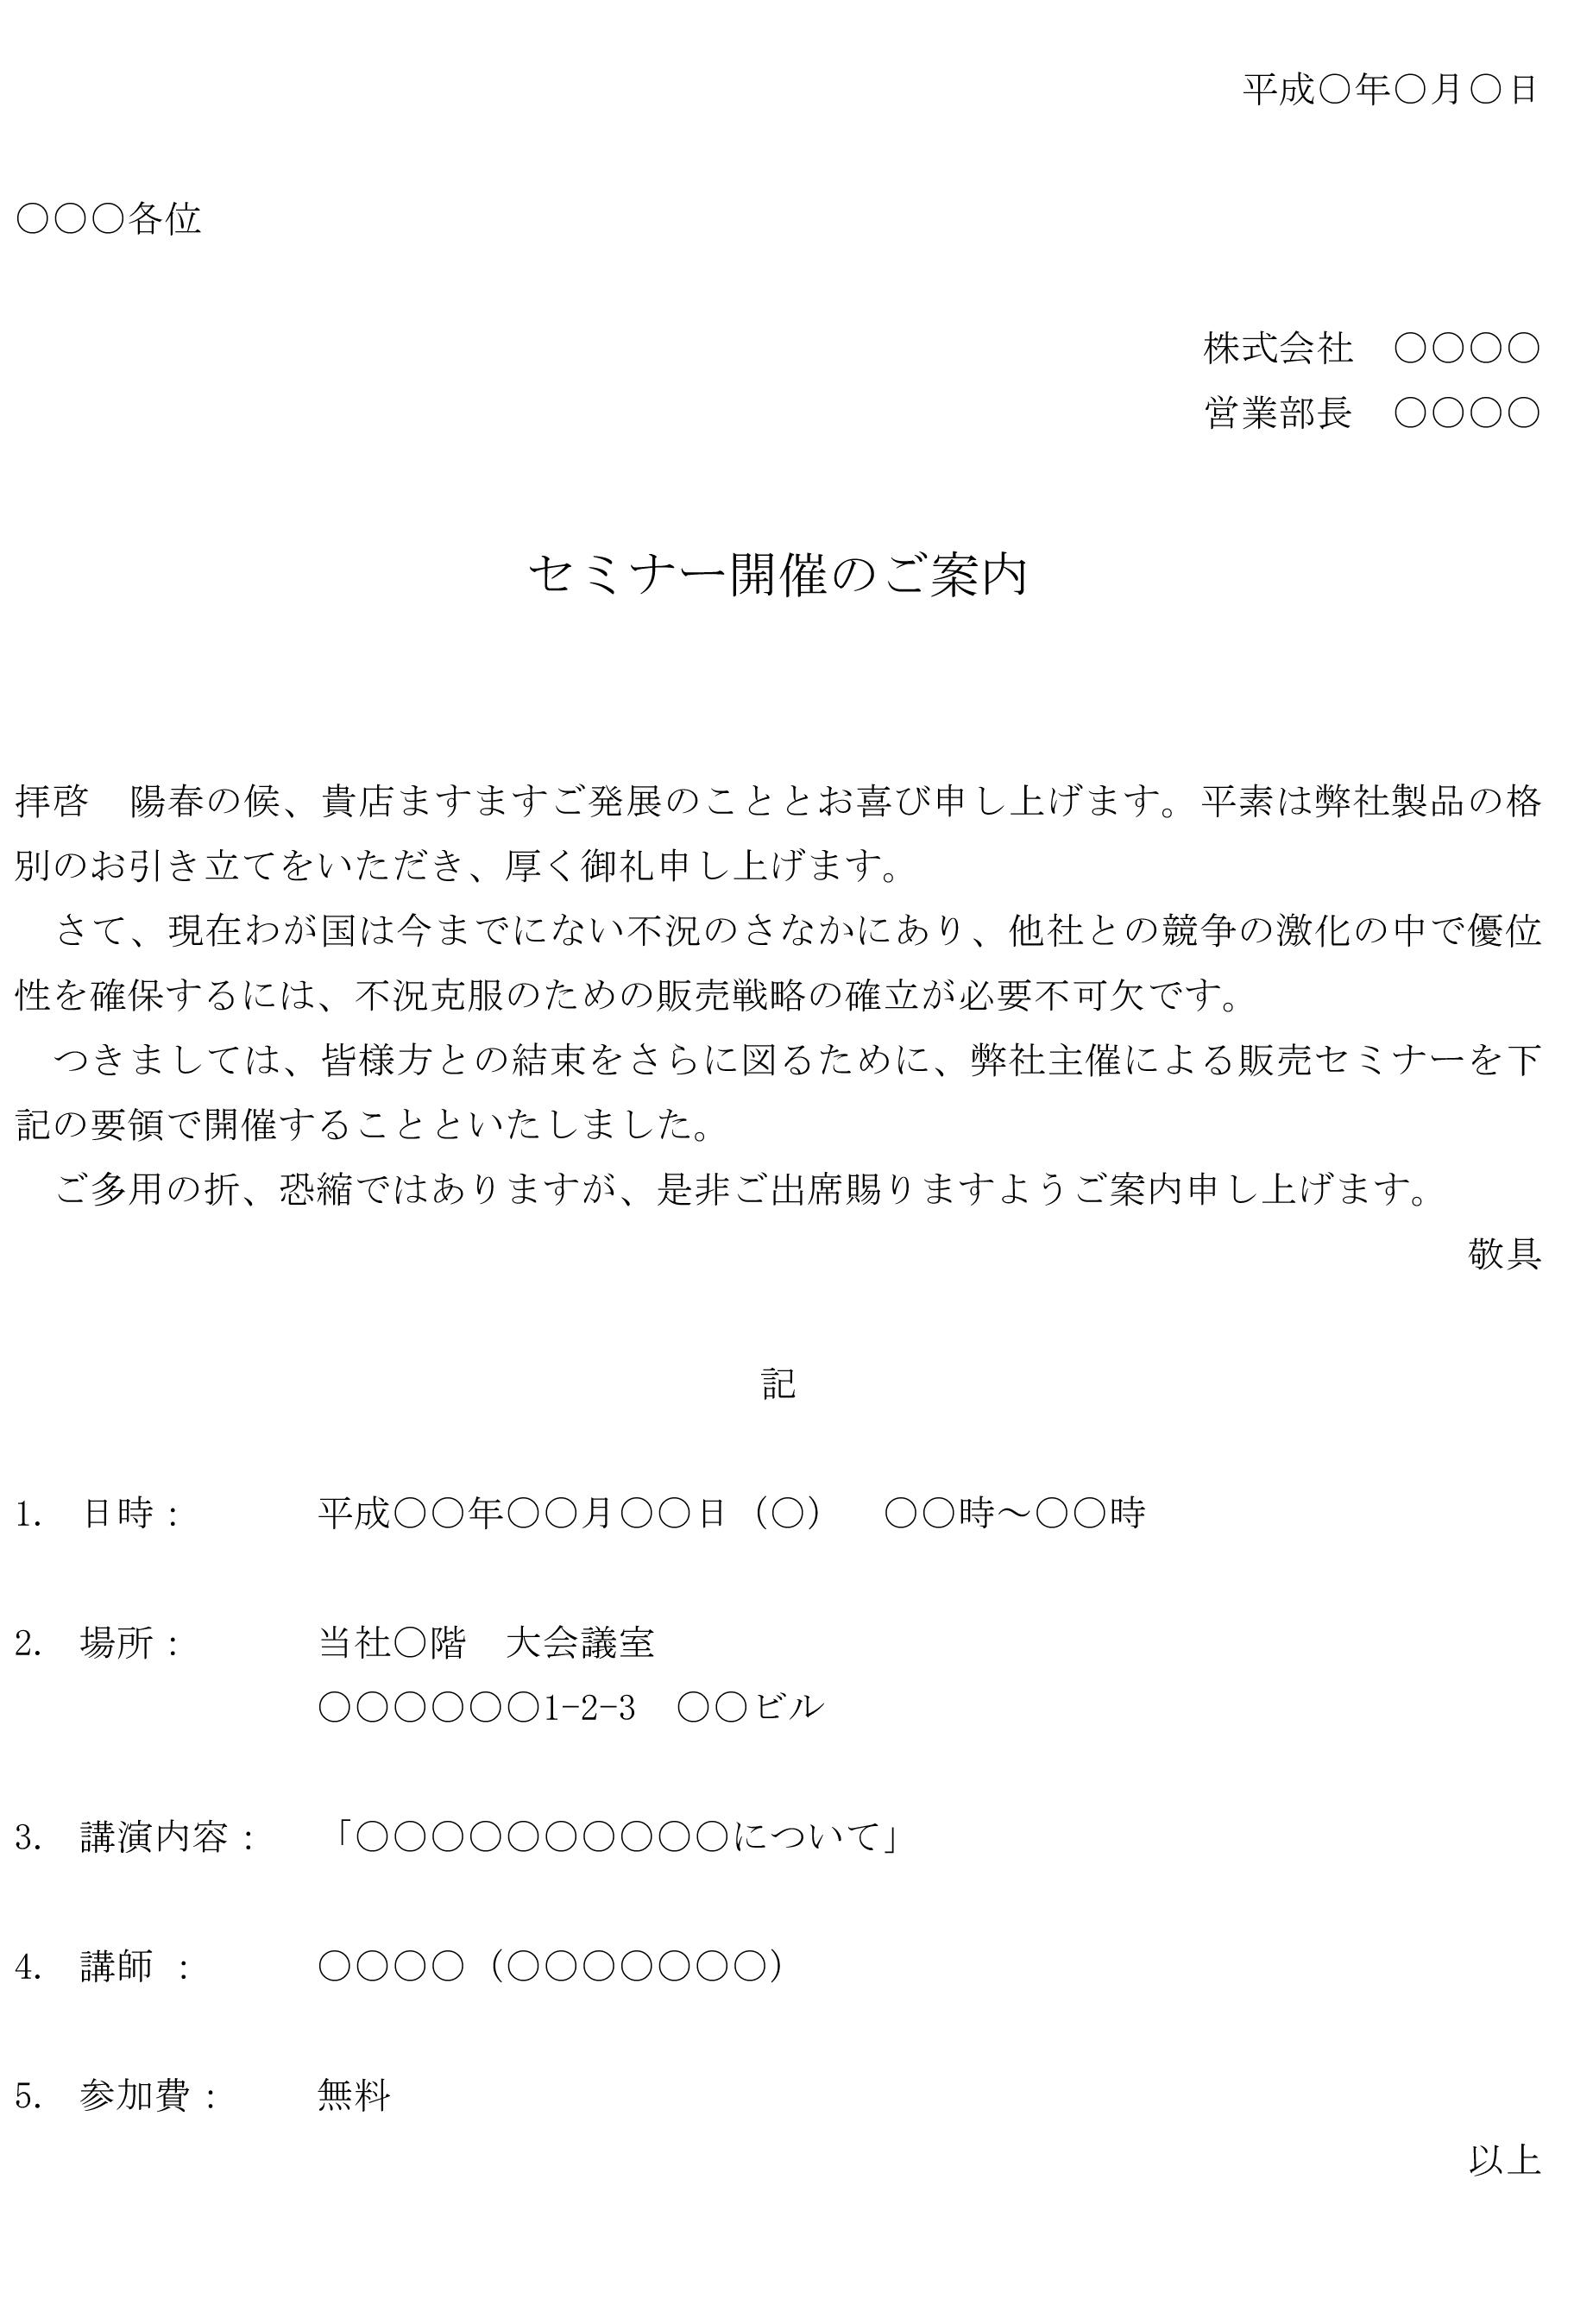 案内状(セミナー開催)03